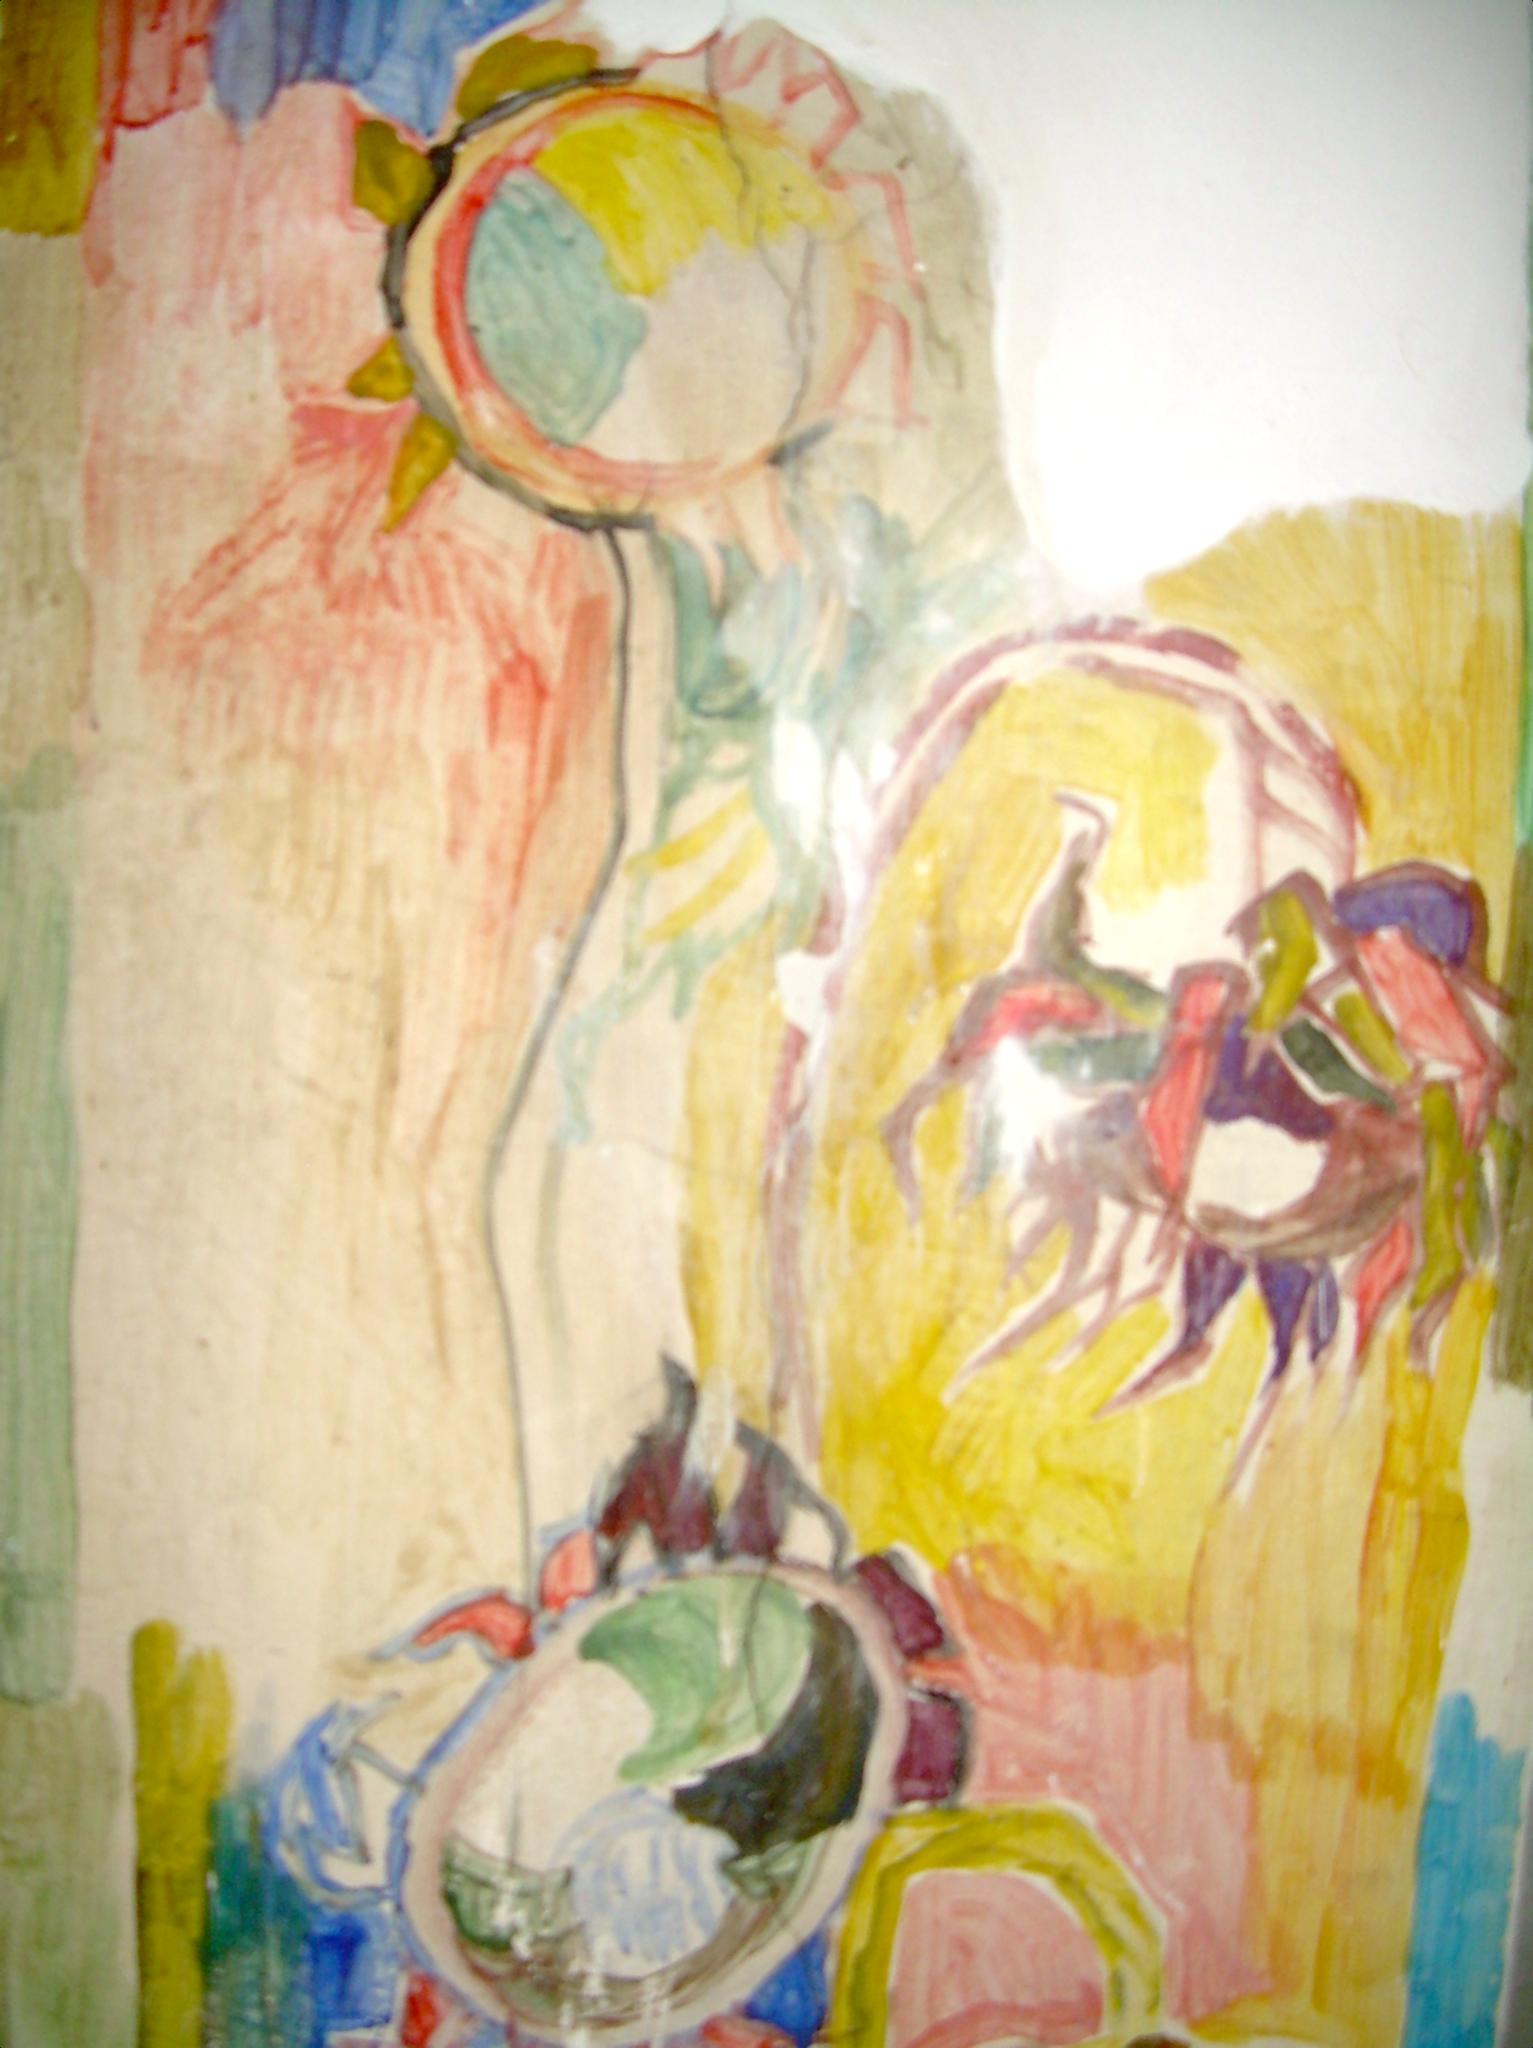 Fresko im großen Atelier Raum im Roten Haus - Bettina Heinen-Ayech, ca. 1960